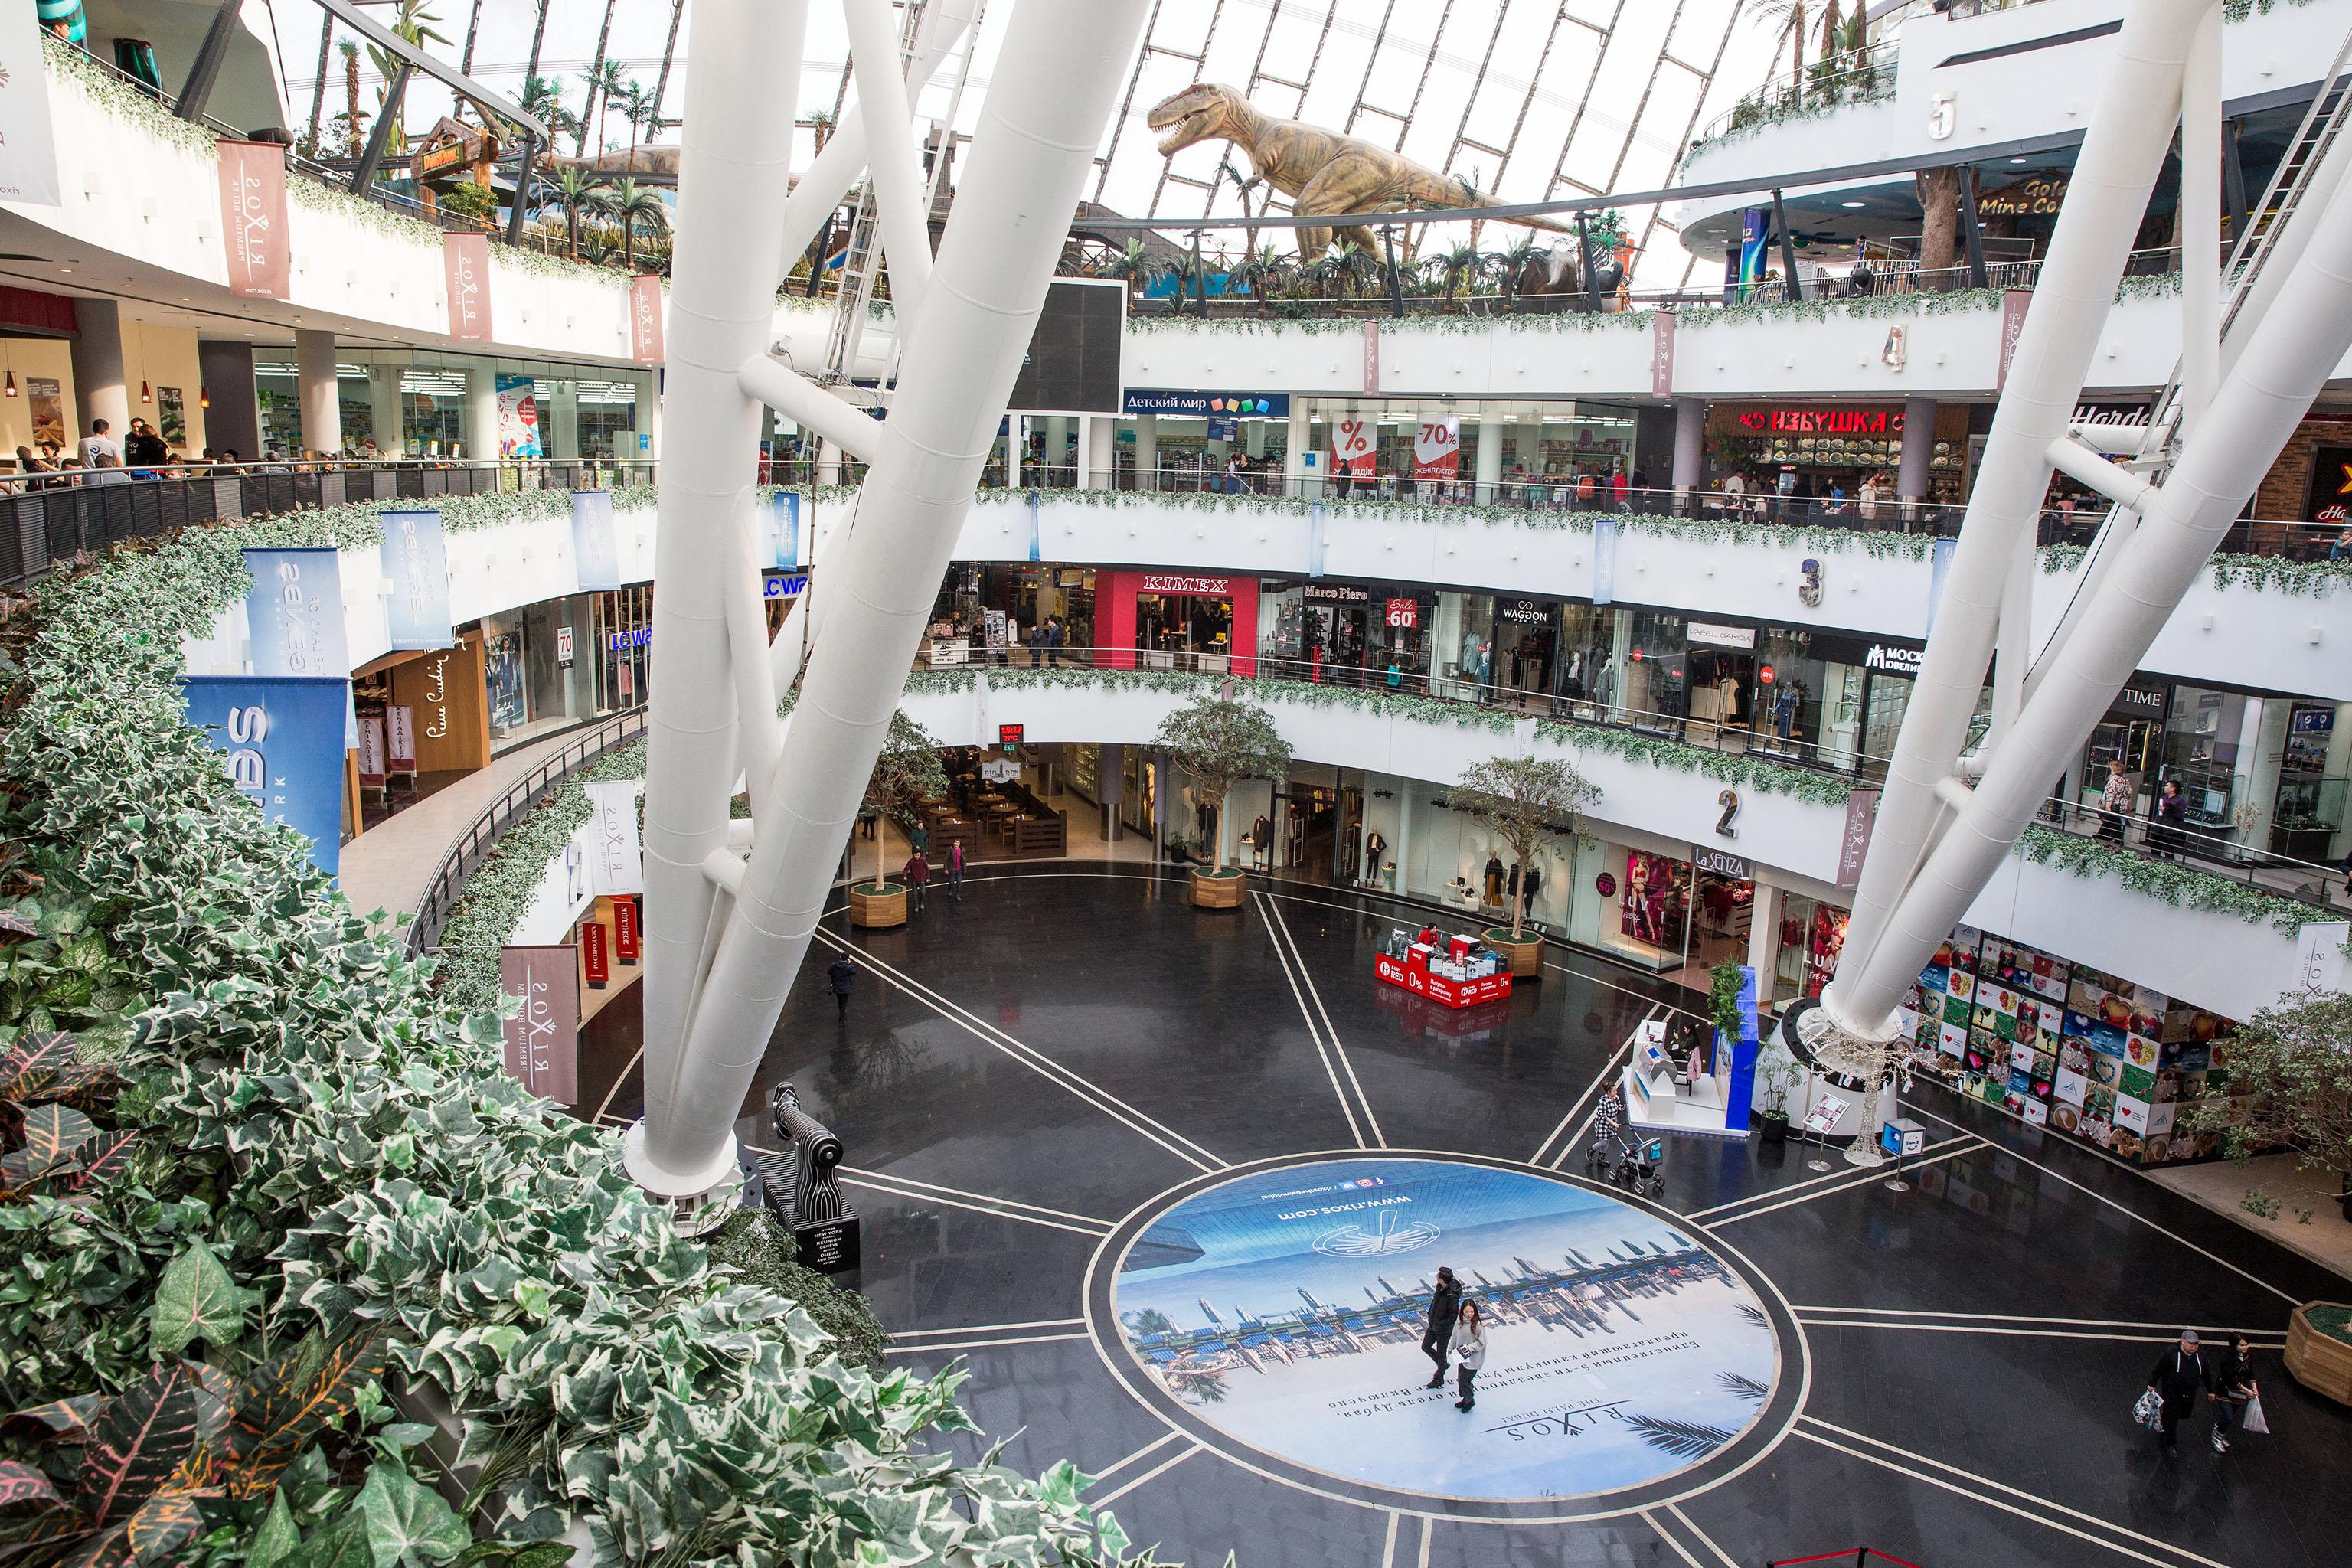 Men and women shop at Khan Shatyr Mall in Astana, Kazakhstan.